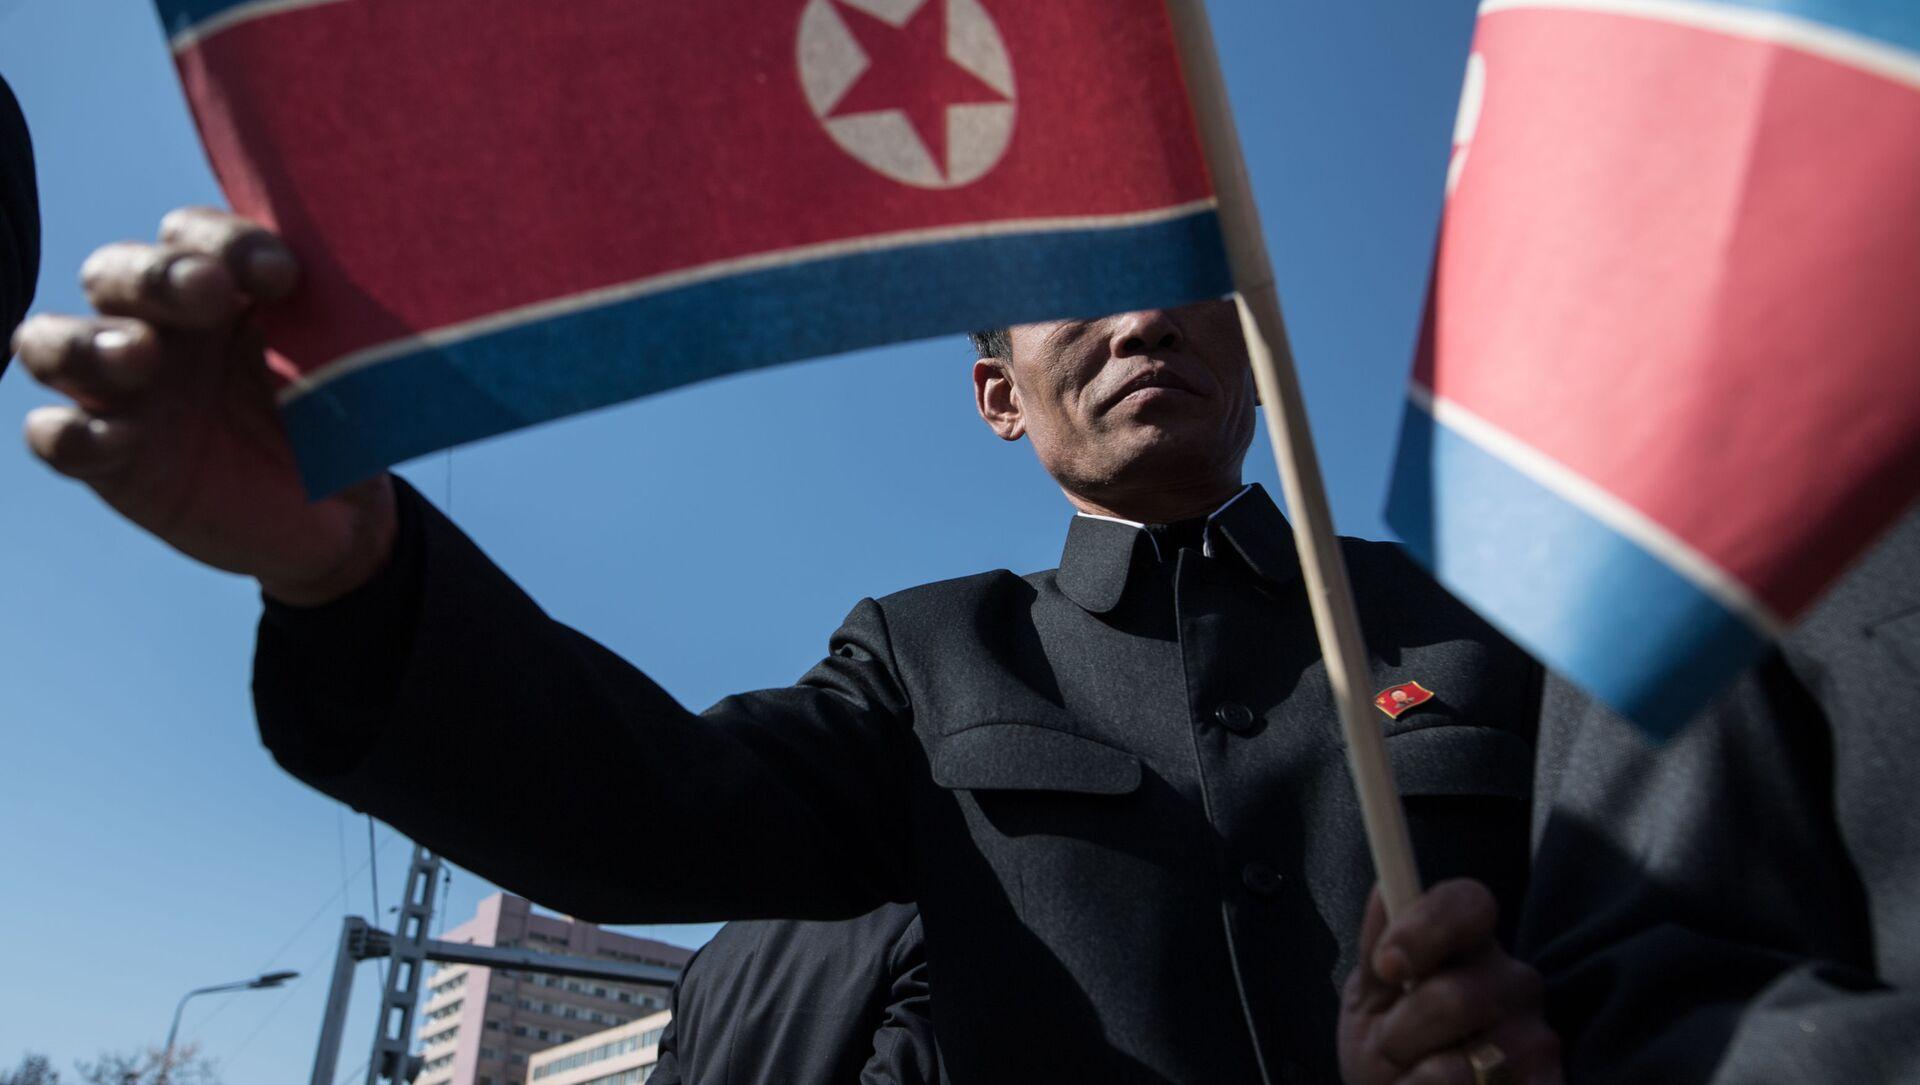 北朝鮮が東京五輪に参加しない=聯合ニュース - Sputnik 日本, 1920, 06.04.2021